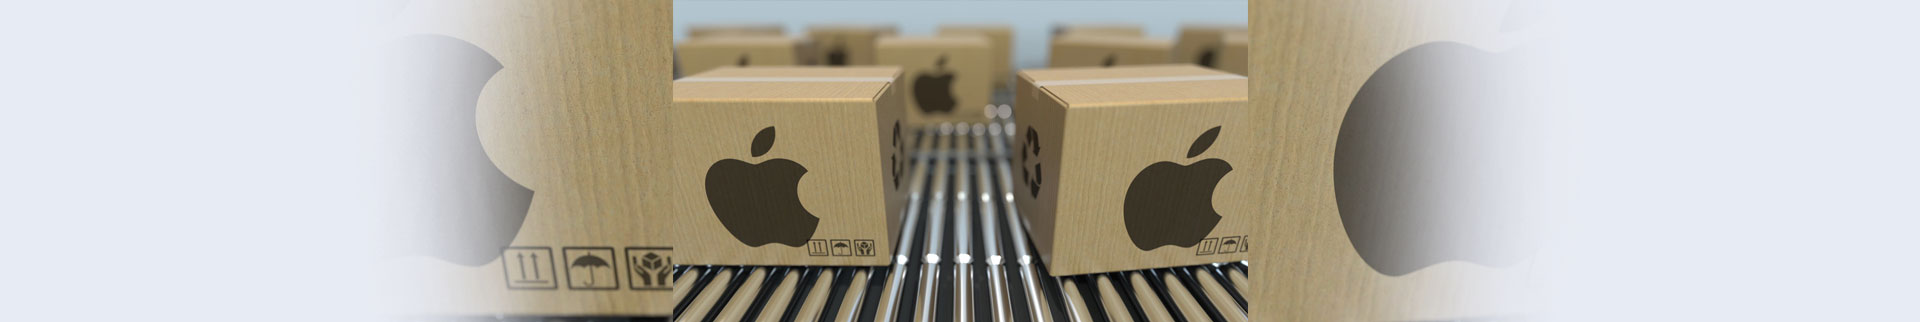 Apple India focus